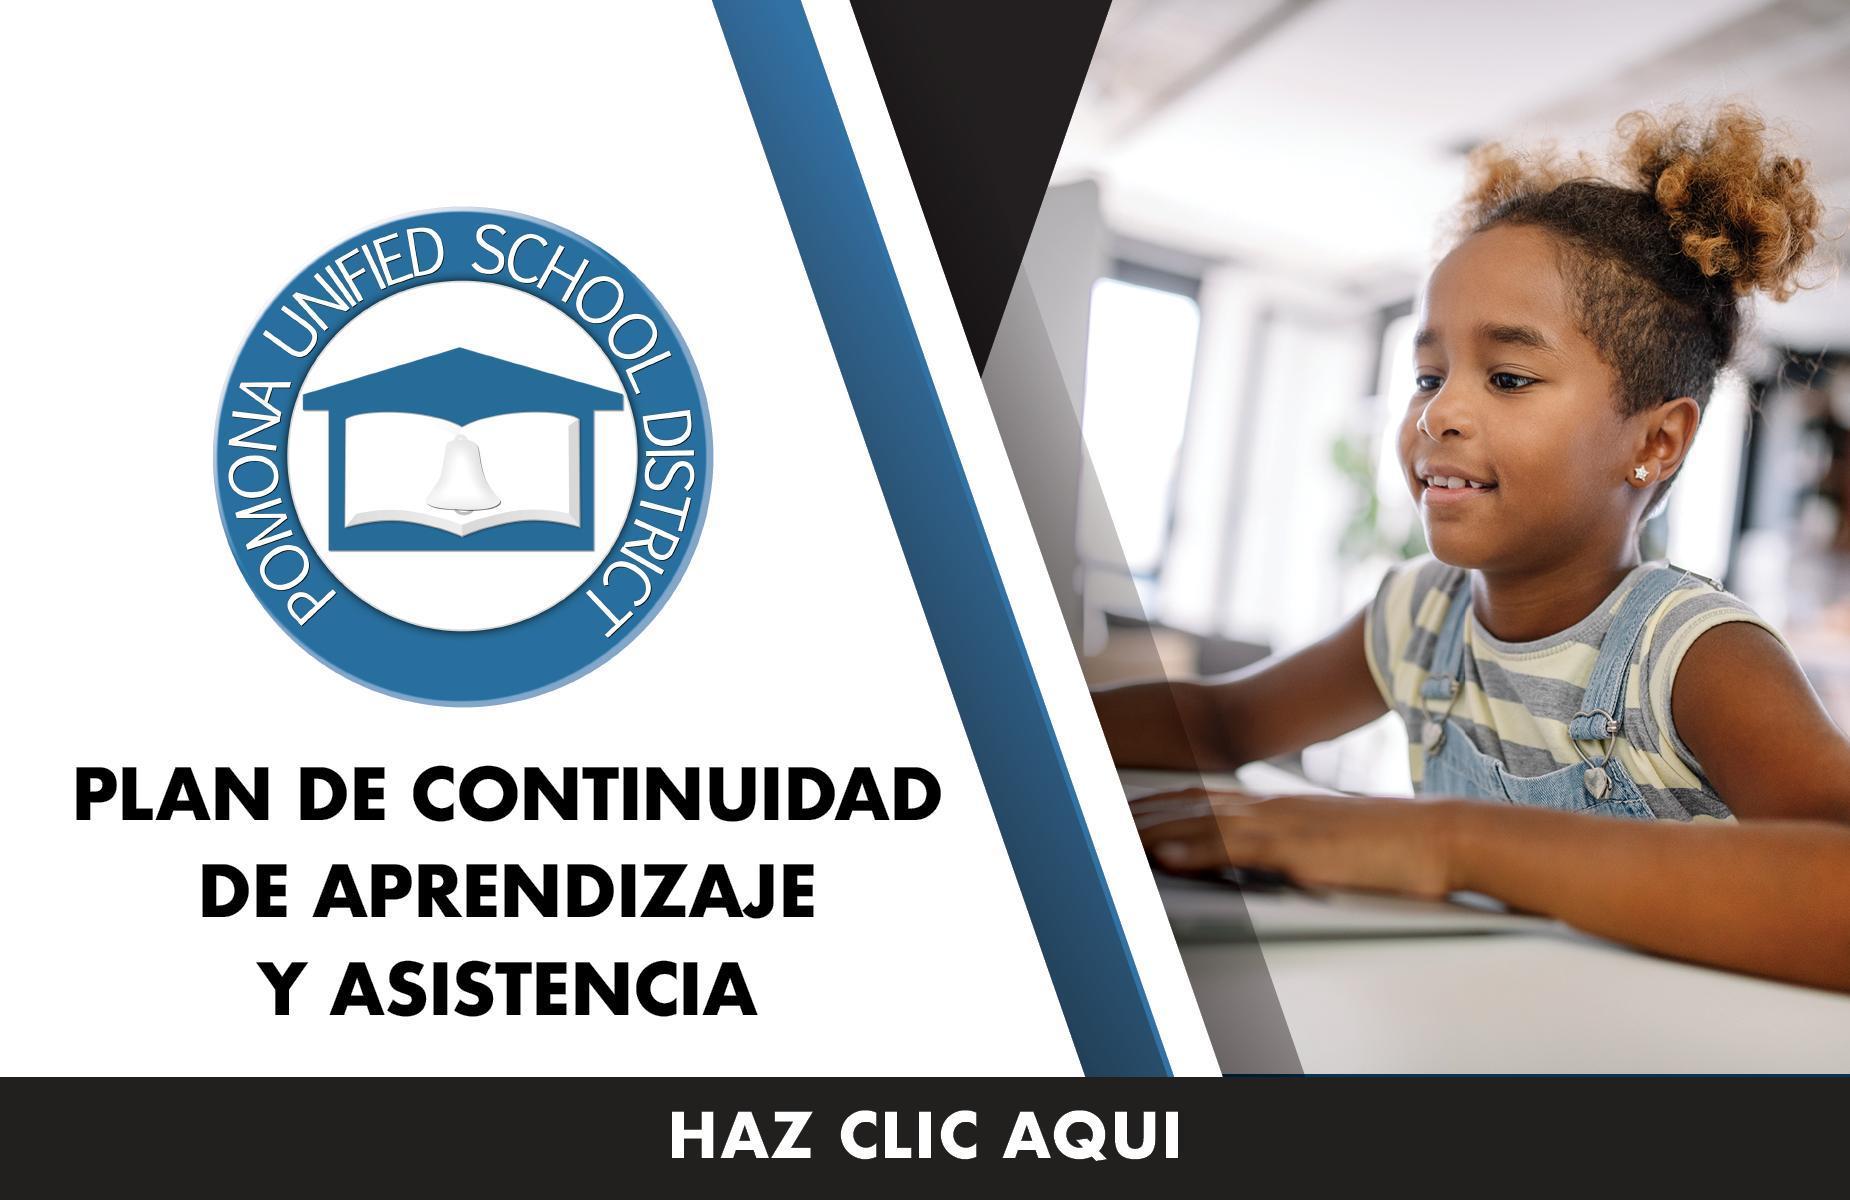 plan de continuidad de aprenizaje y asistencia